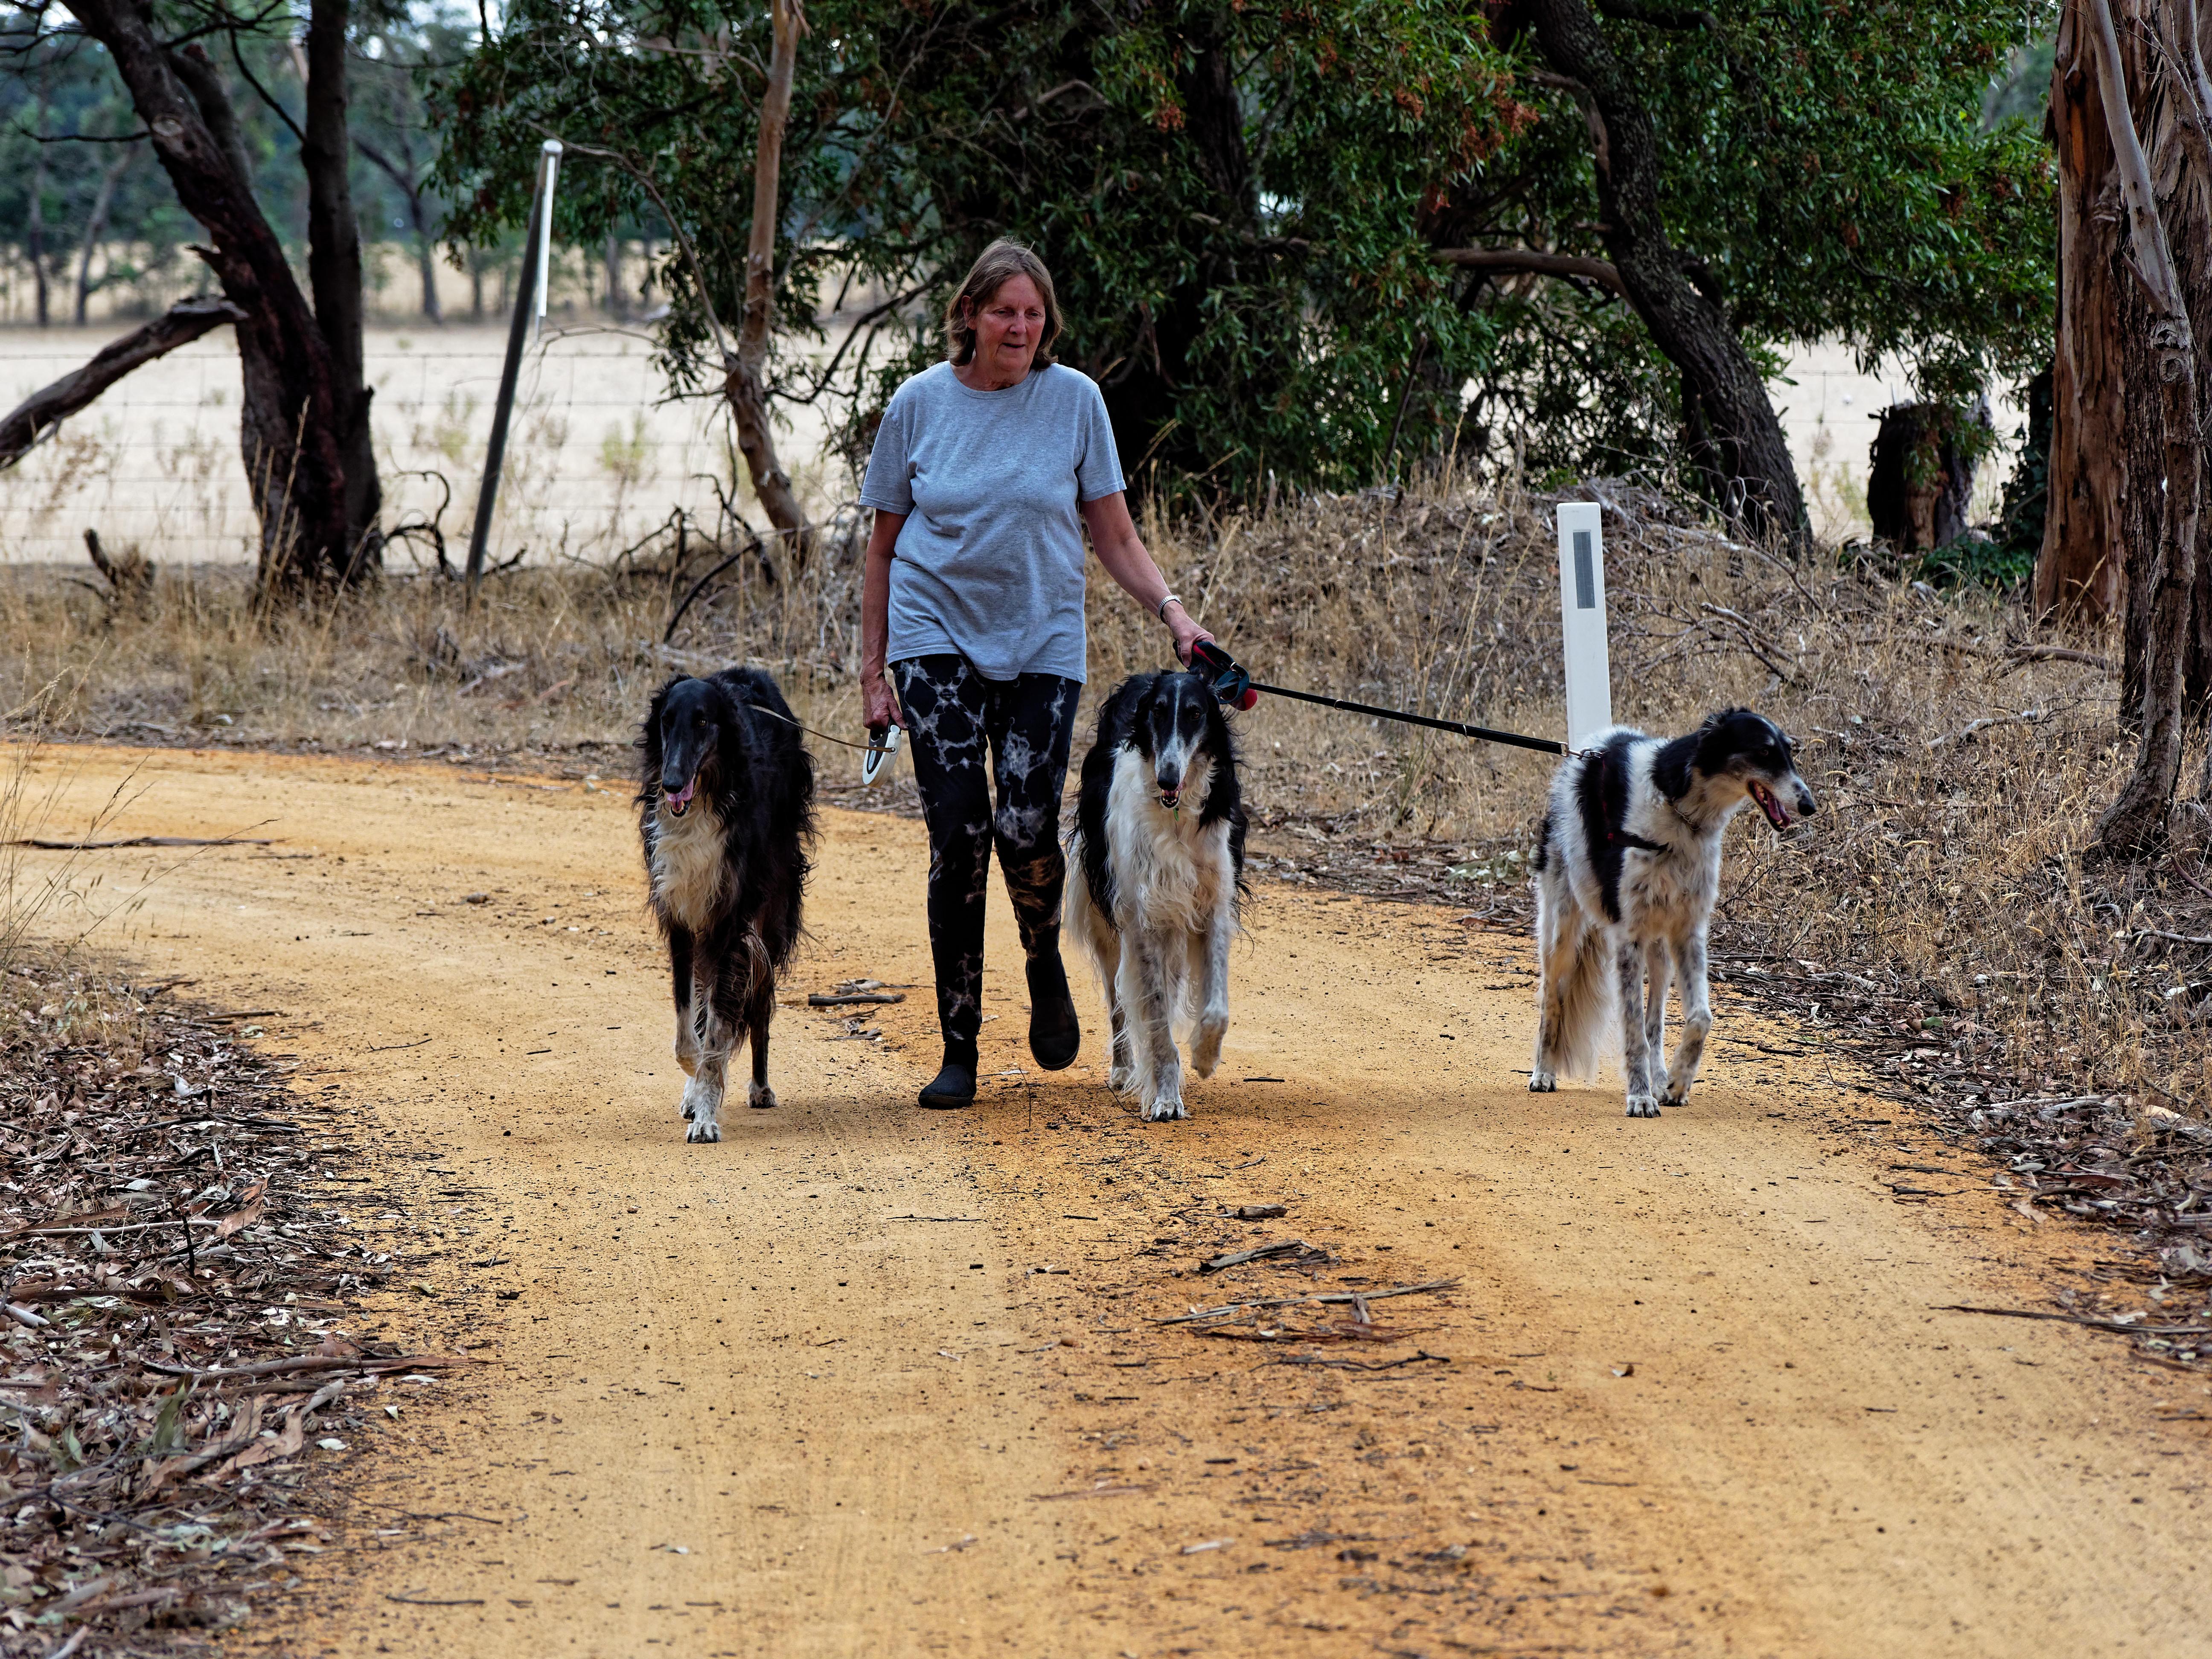 Walking-dogs-39.jpeg